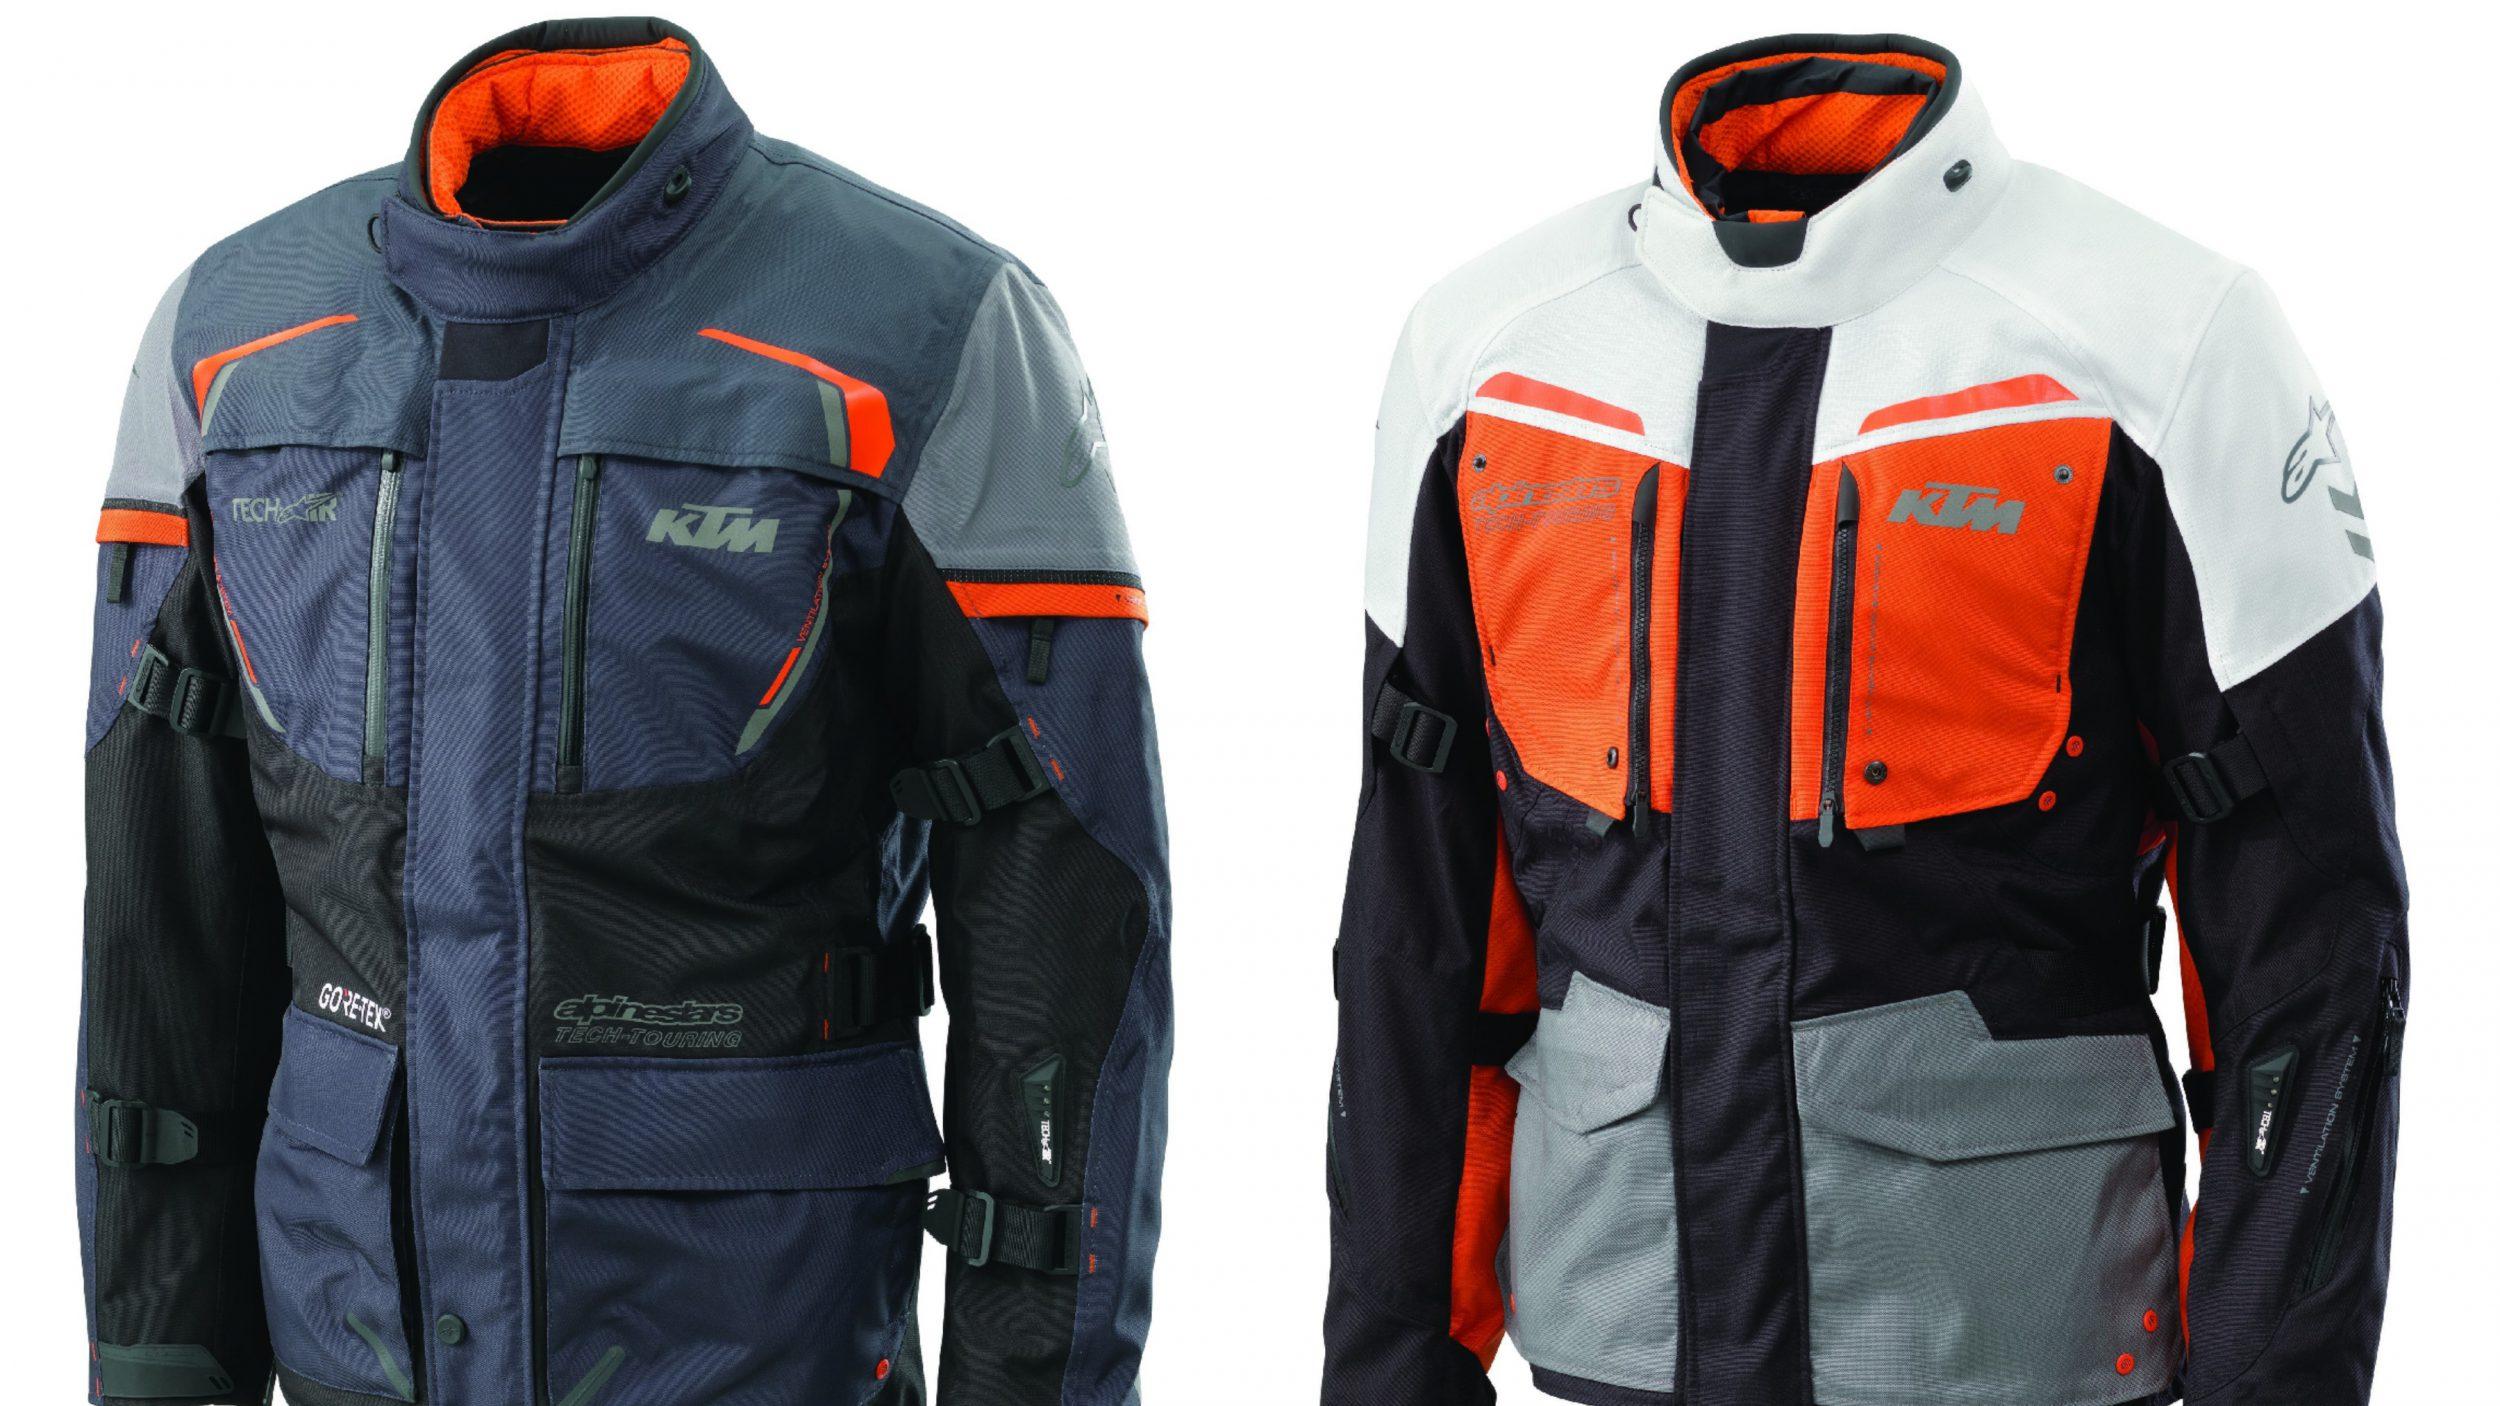 KTM Airbag Jacken